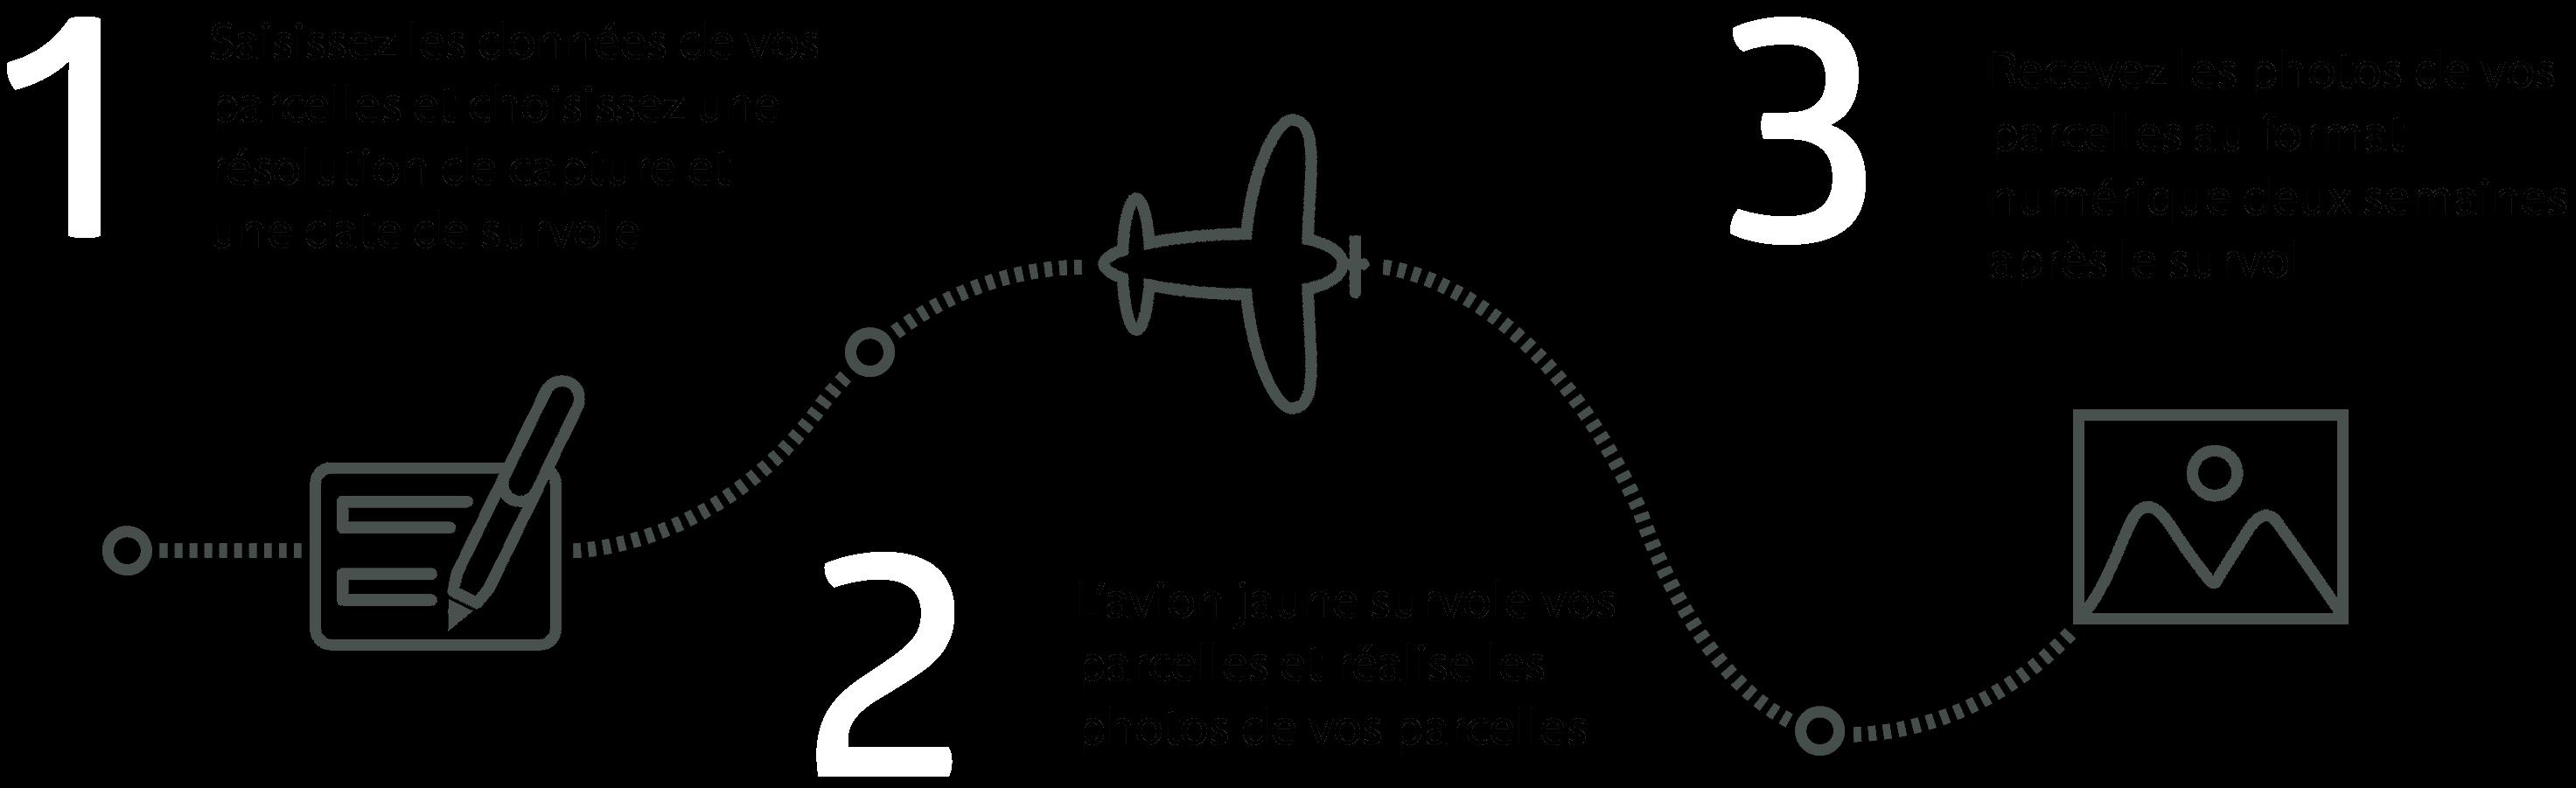 1 : Saisissez les données de vos parcelles et choisissez une résolution de capture et une date de survole. - 2 : L'avion jaune survole votre vignoble et réalise les photos de vos parcelles - 3 : Recevez les photos de vos parcelles au format numérique deux semaines après le survol.